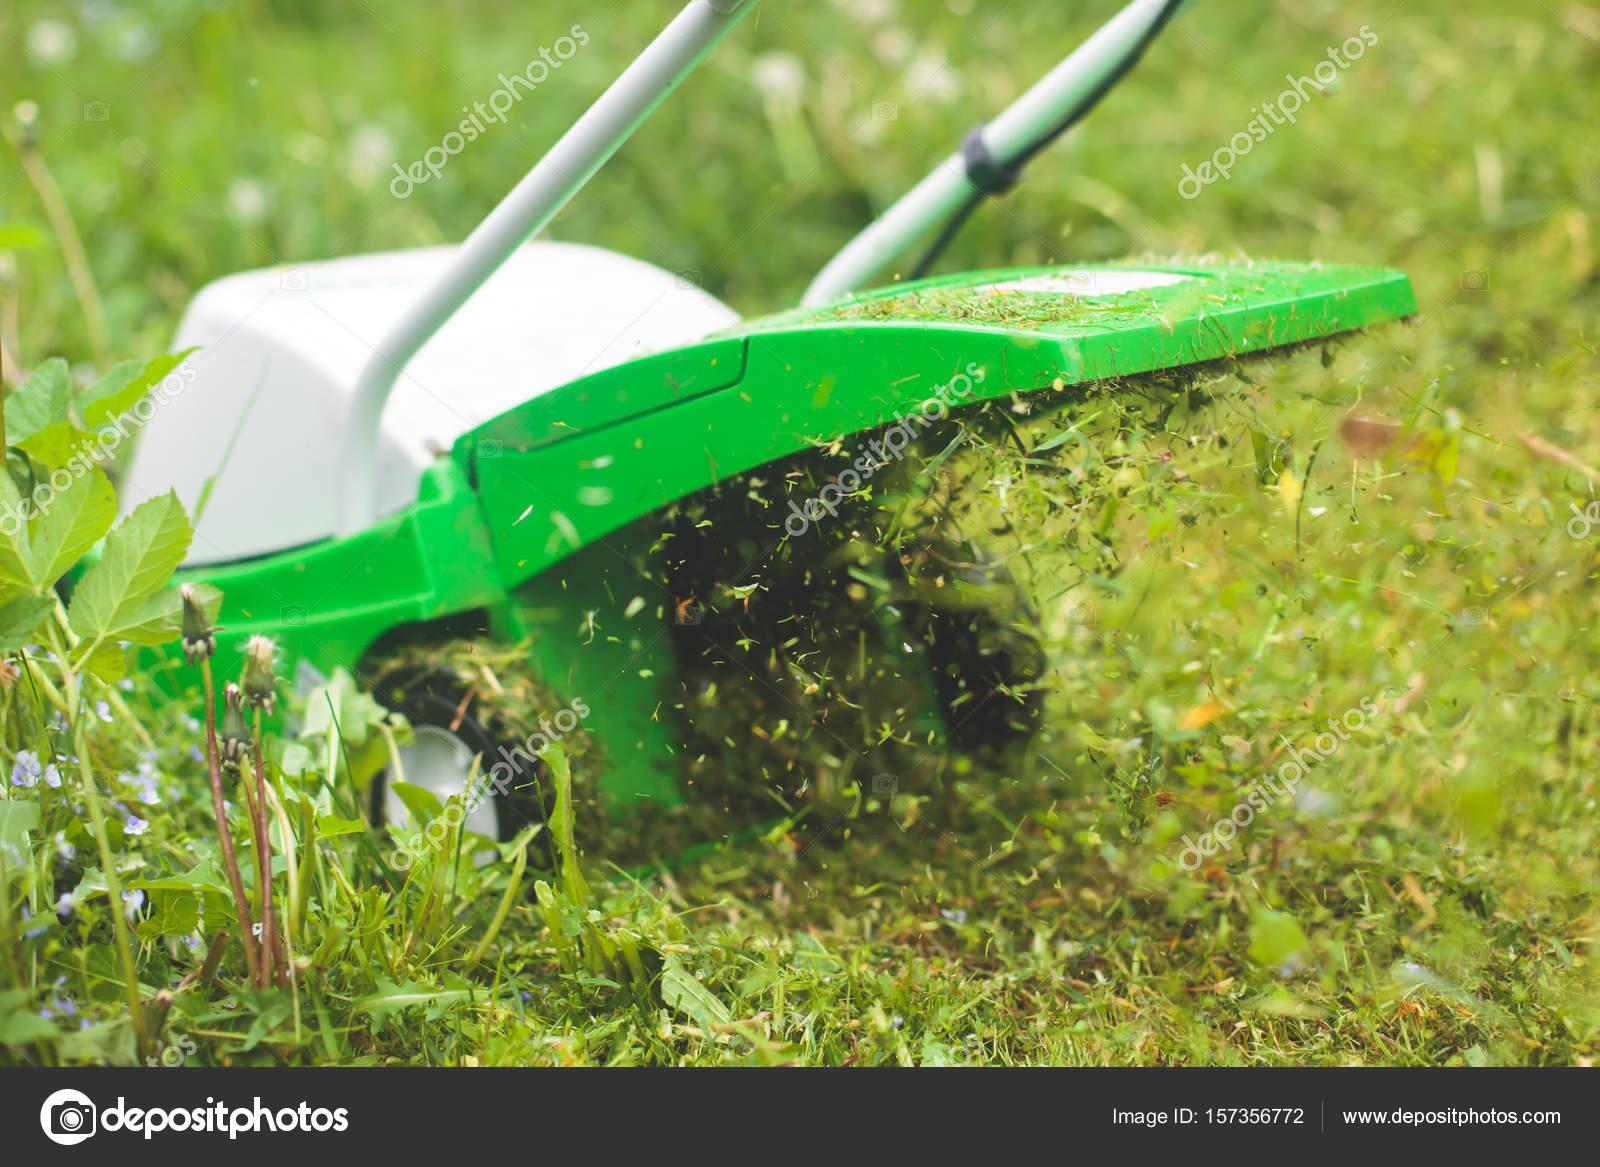 Les Outils De Jardinage Avec Photos un processus de pelouse, tonte, concept de tondre la pelouse